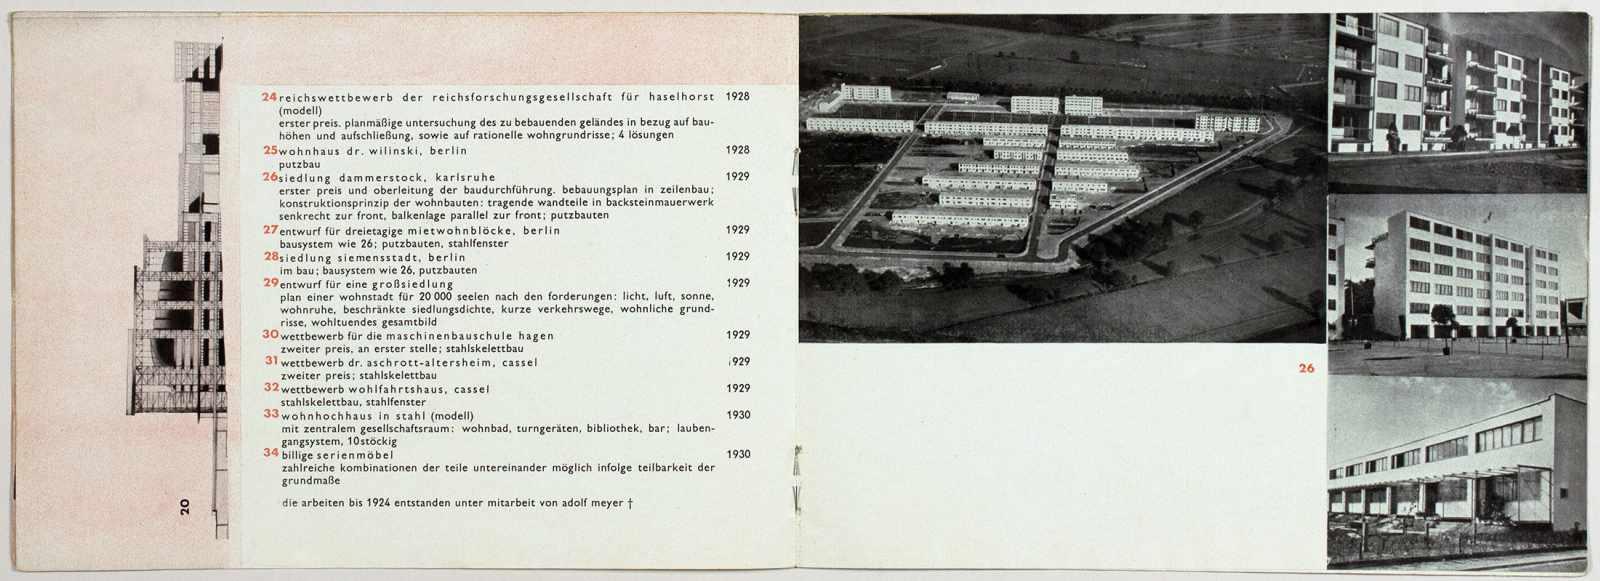 Laszlo Moholy-Nagy - Ausstellung Walter Gropius. Zeichnungen, Fotos, Modelle in der ständigen - Image 4 of 8